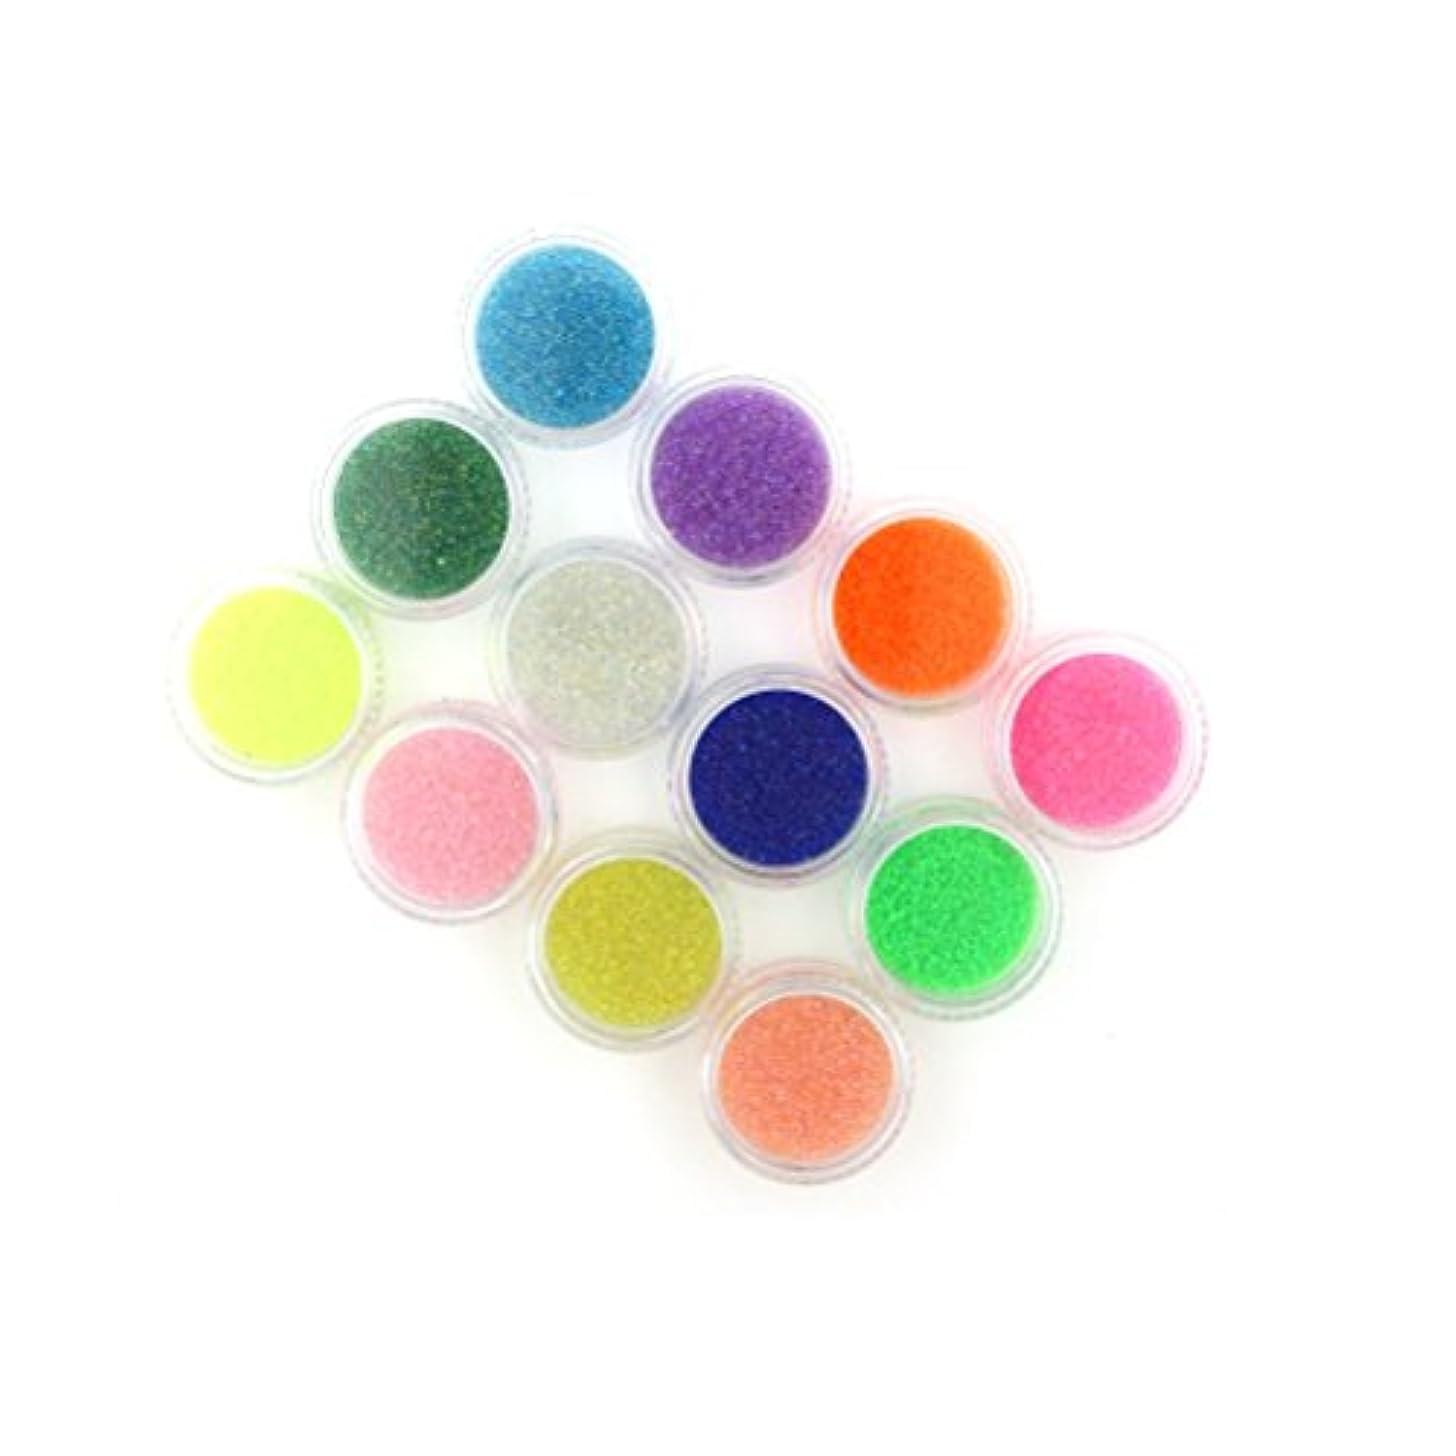 幹疾患些細なMakeupAcc ネイル用ガラスビーズ 12色セット 蛍光 流れるカラー 数の子のようなネイルアクセサリー [並行輸入品]